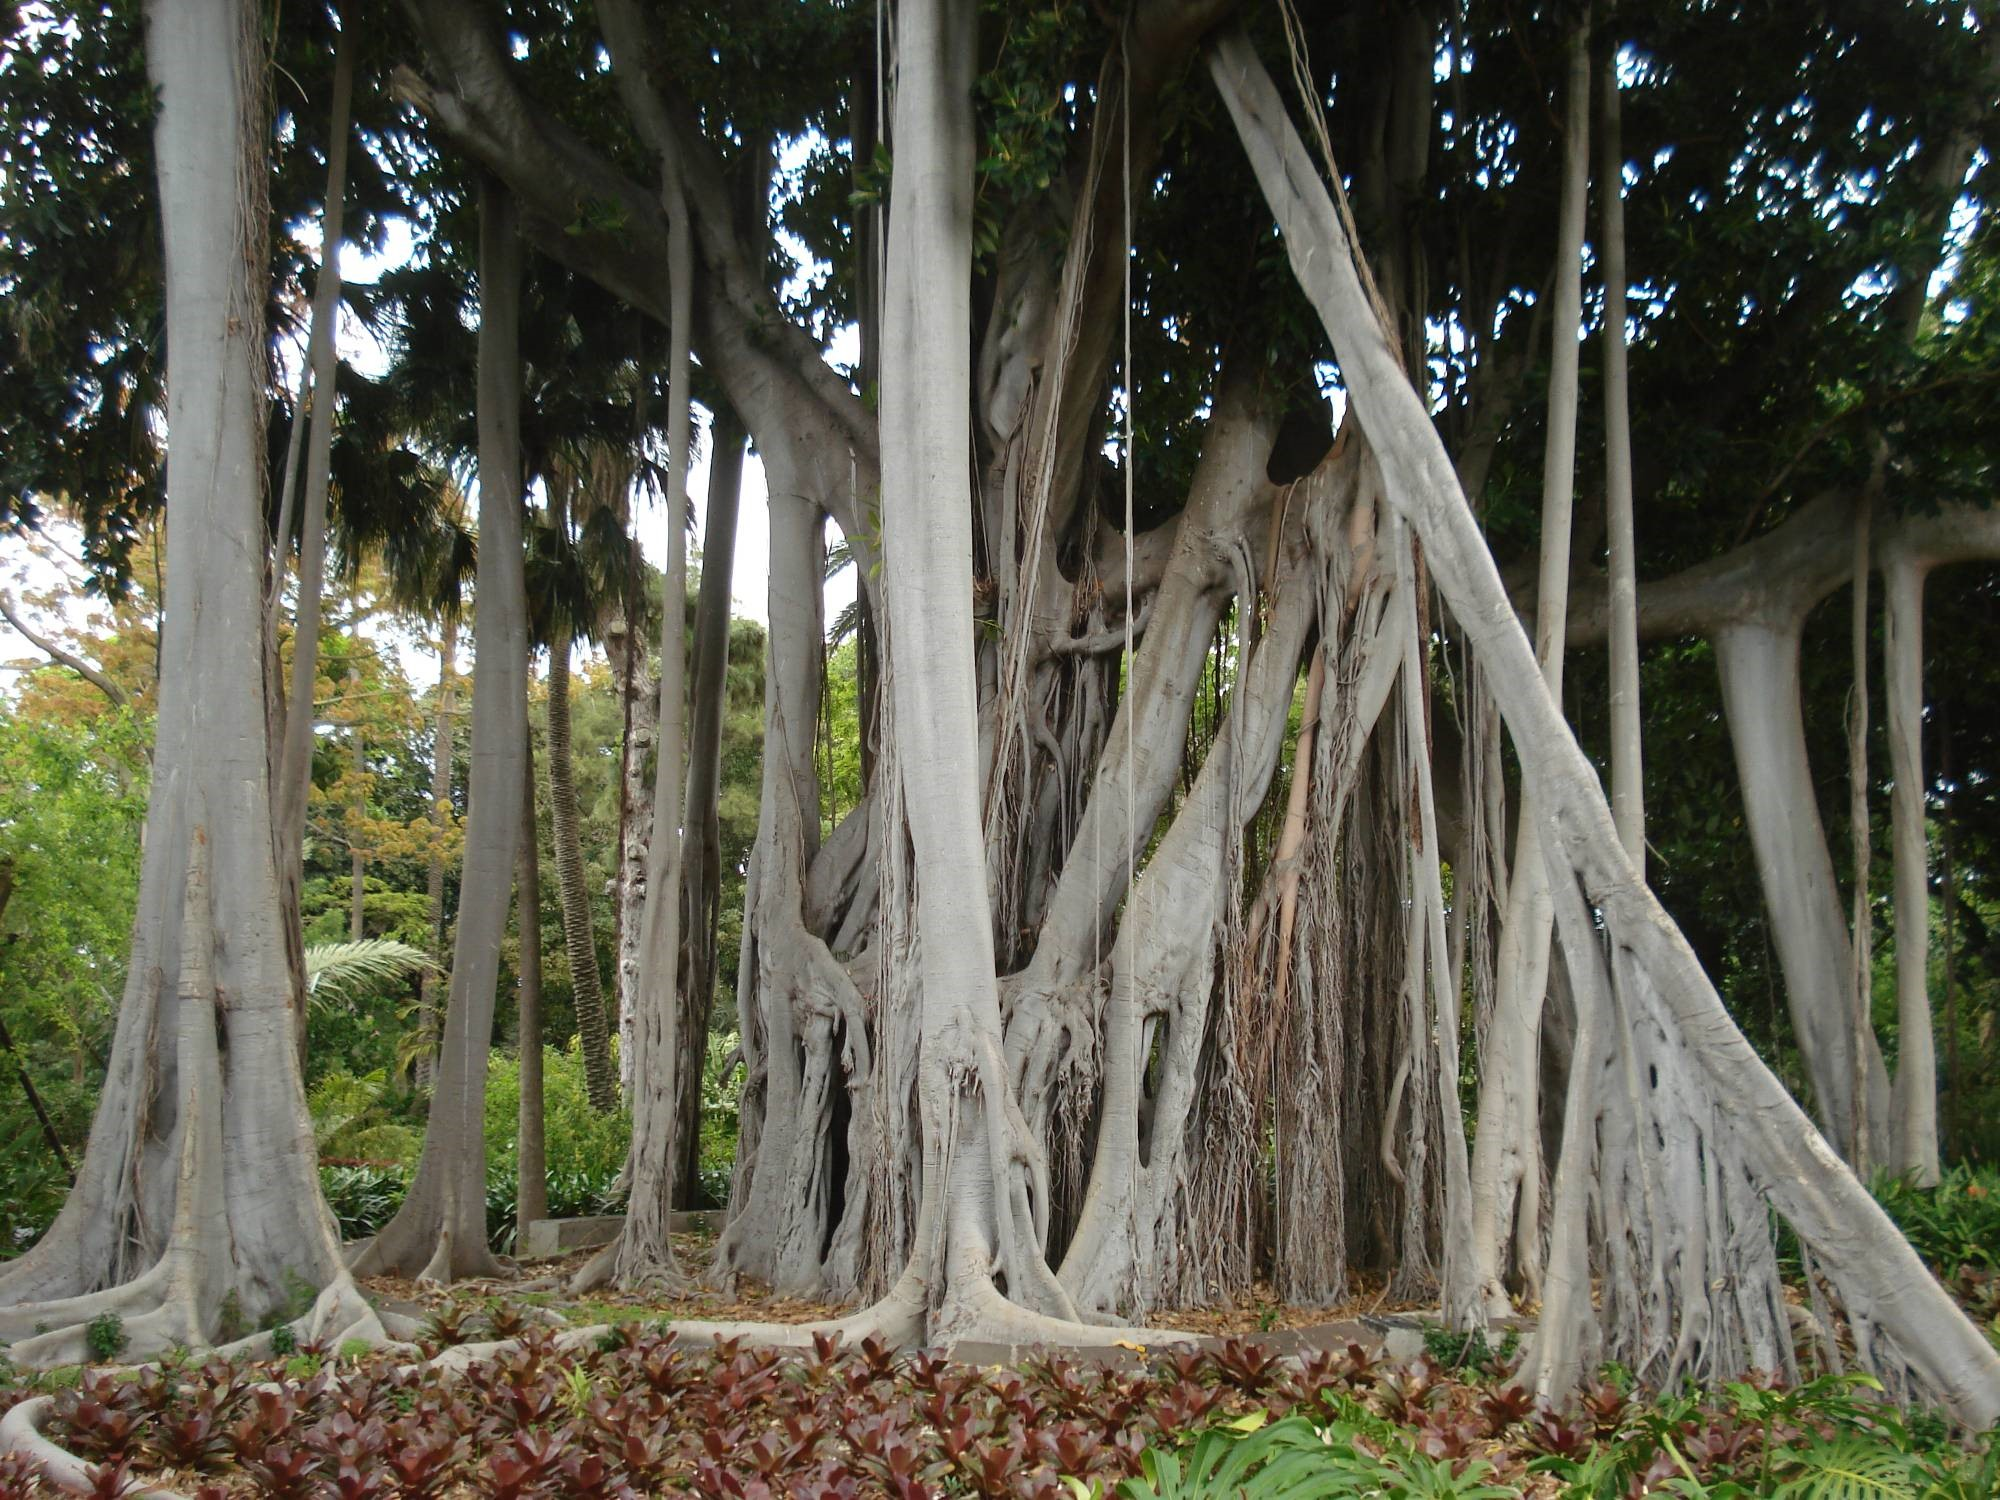 Un paseo por el jard n bot nico puerto de la cruz xperience for Arboles del jardin botanico